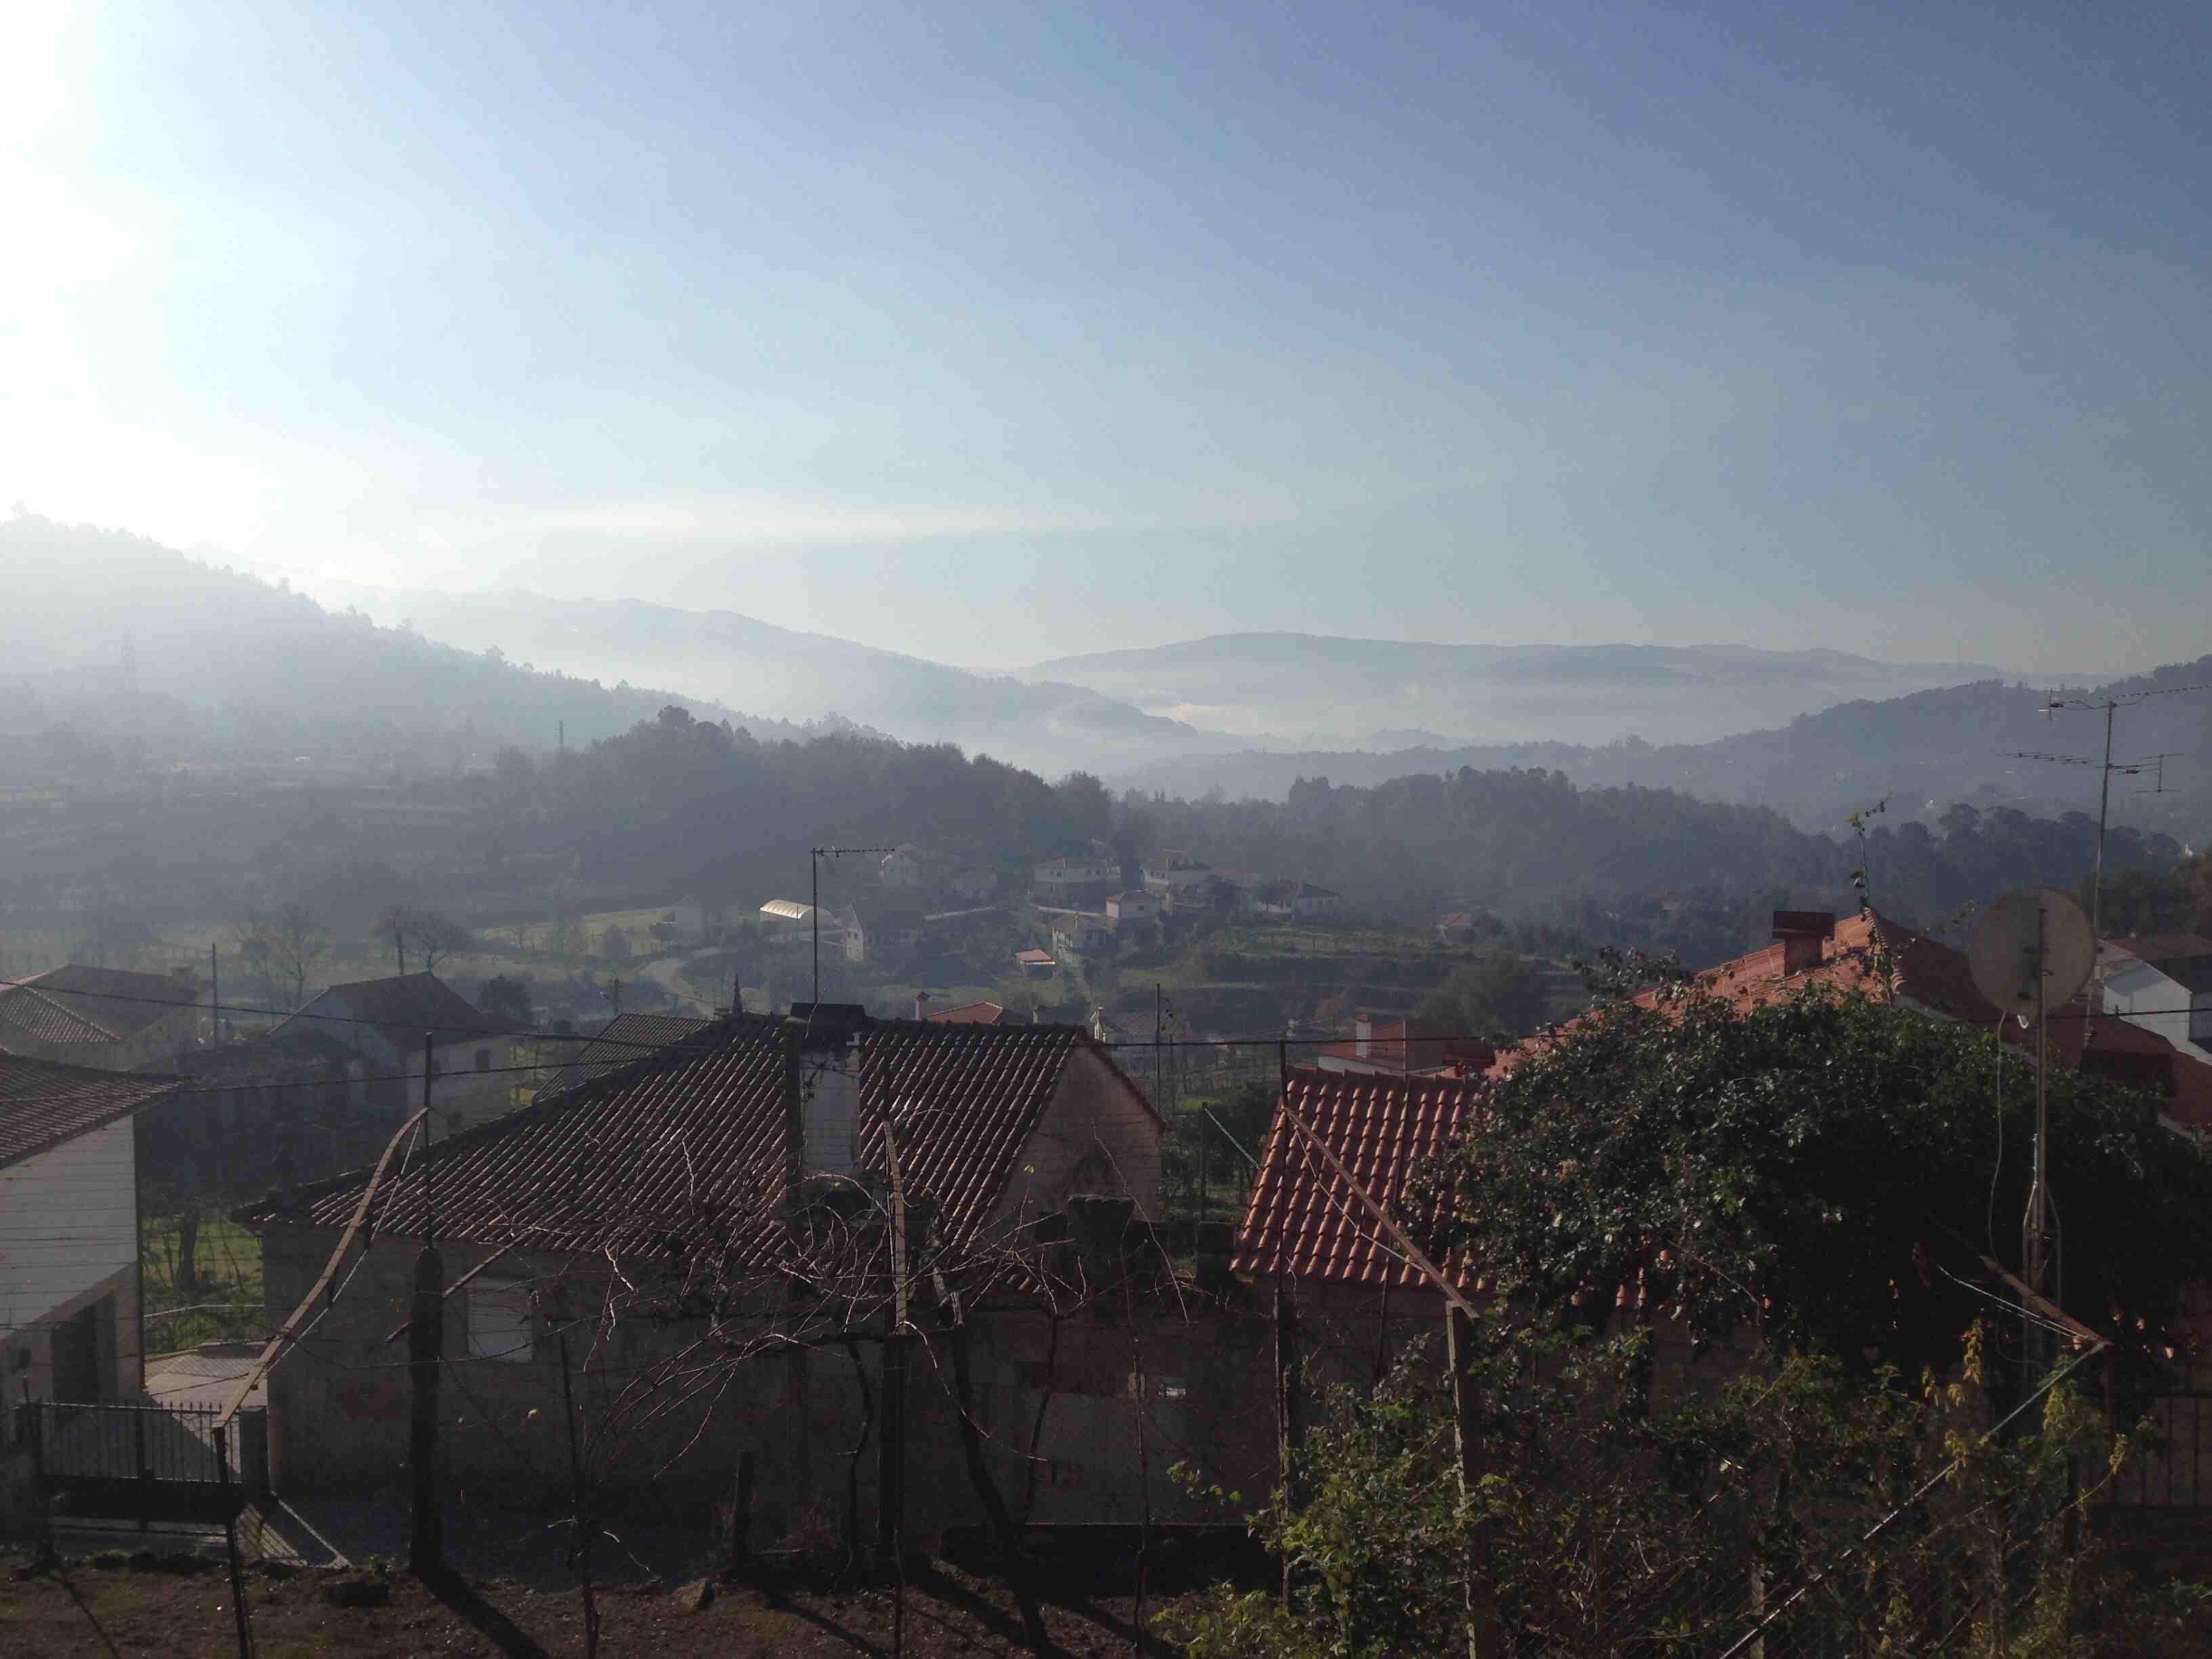 Nevoeiro1.jpg